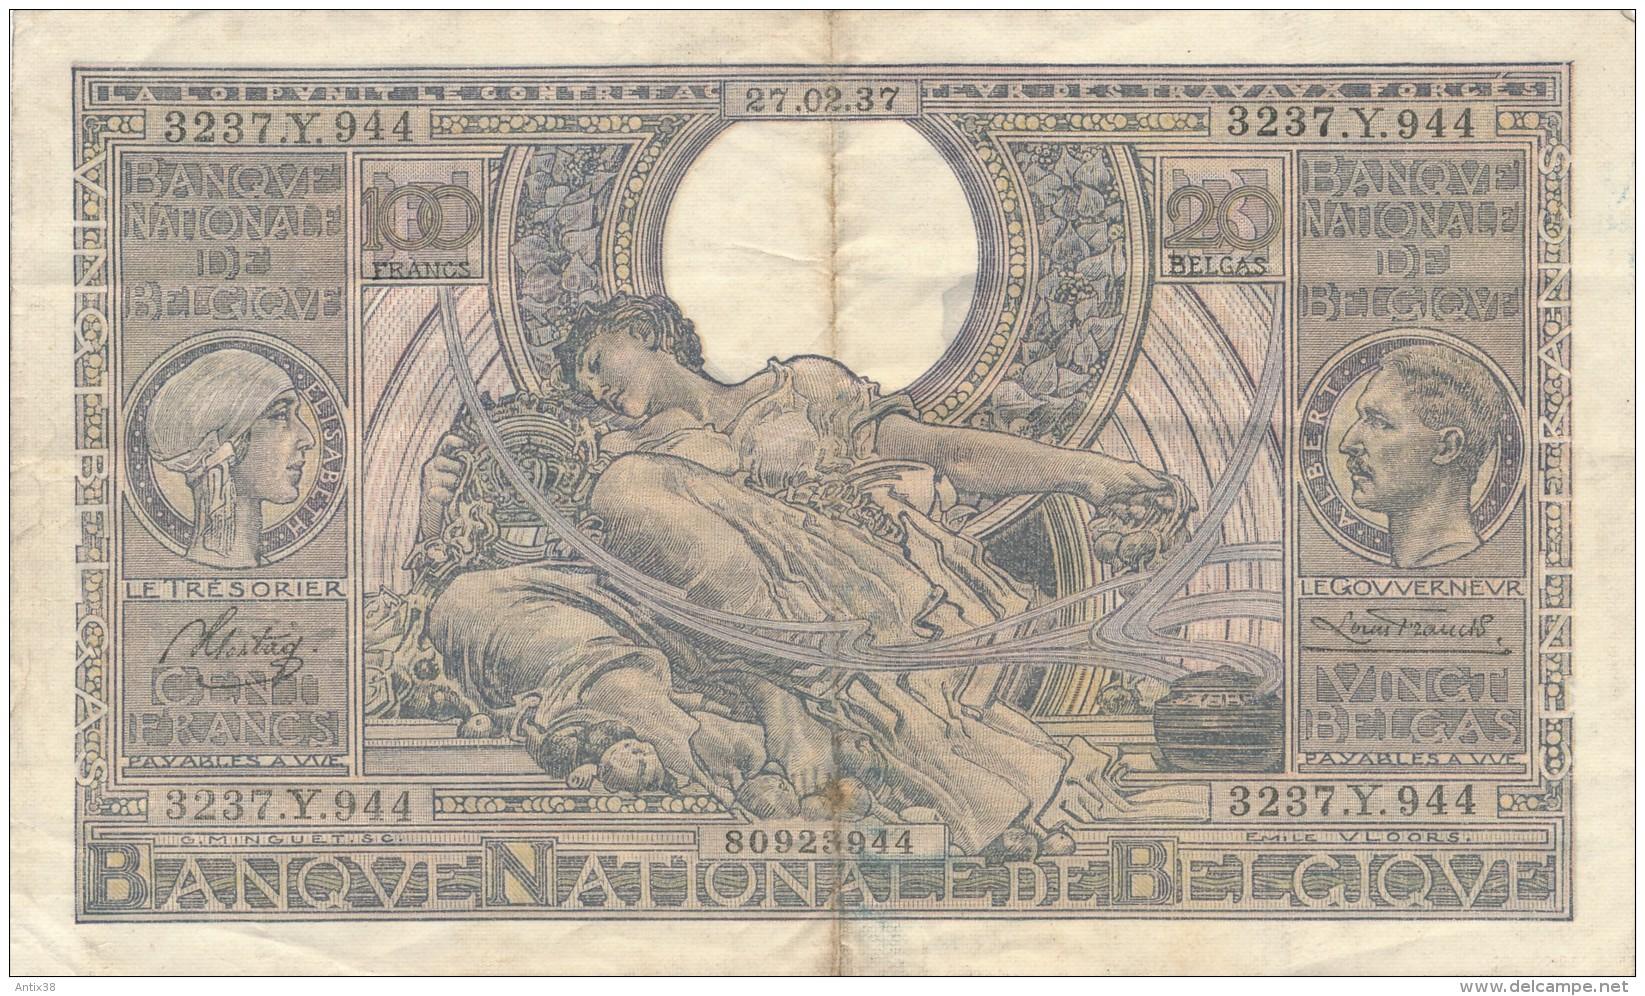 H17 - Billet - 100 FRANCS - BANQUE NATIONALE DE BELGIQUE - 1937 - 100 Franchi & 100 Franchi-20 Belgas